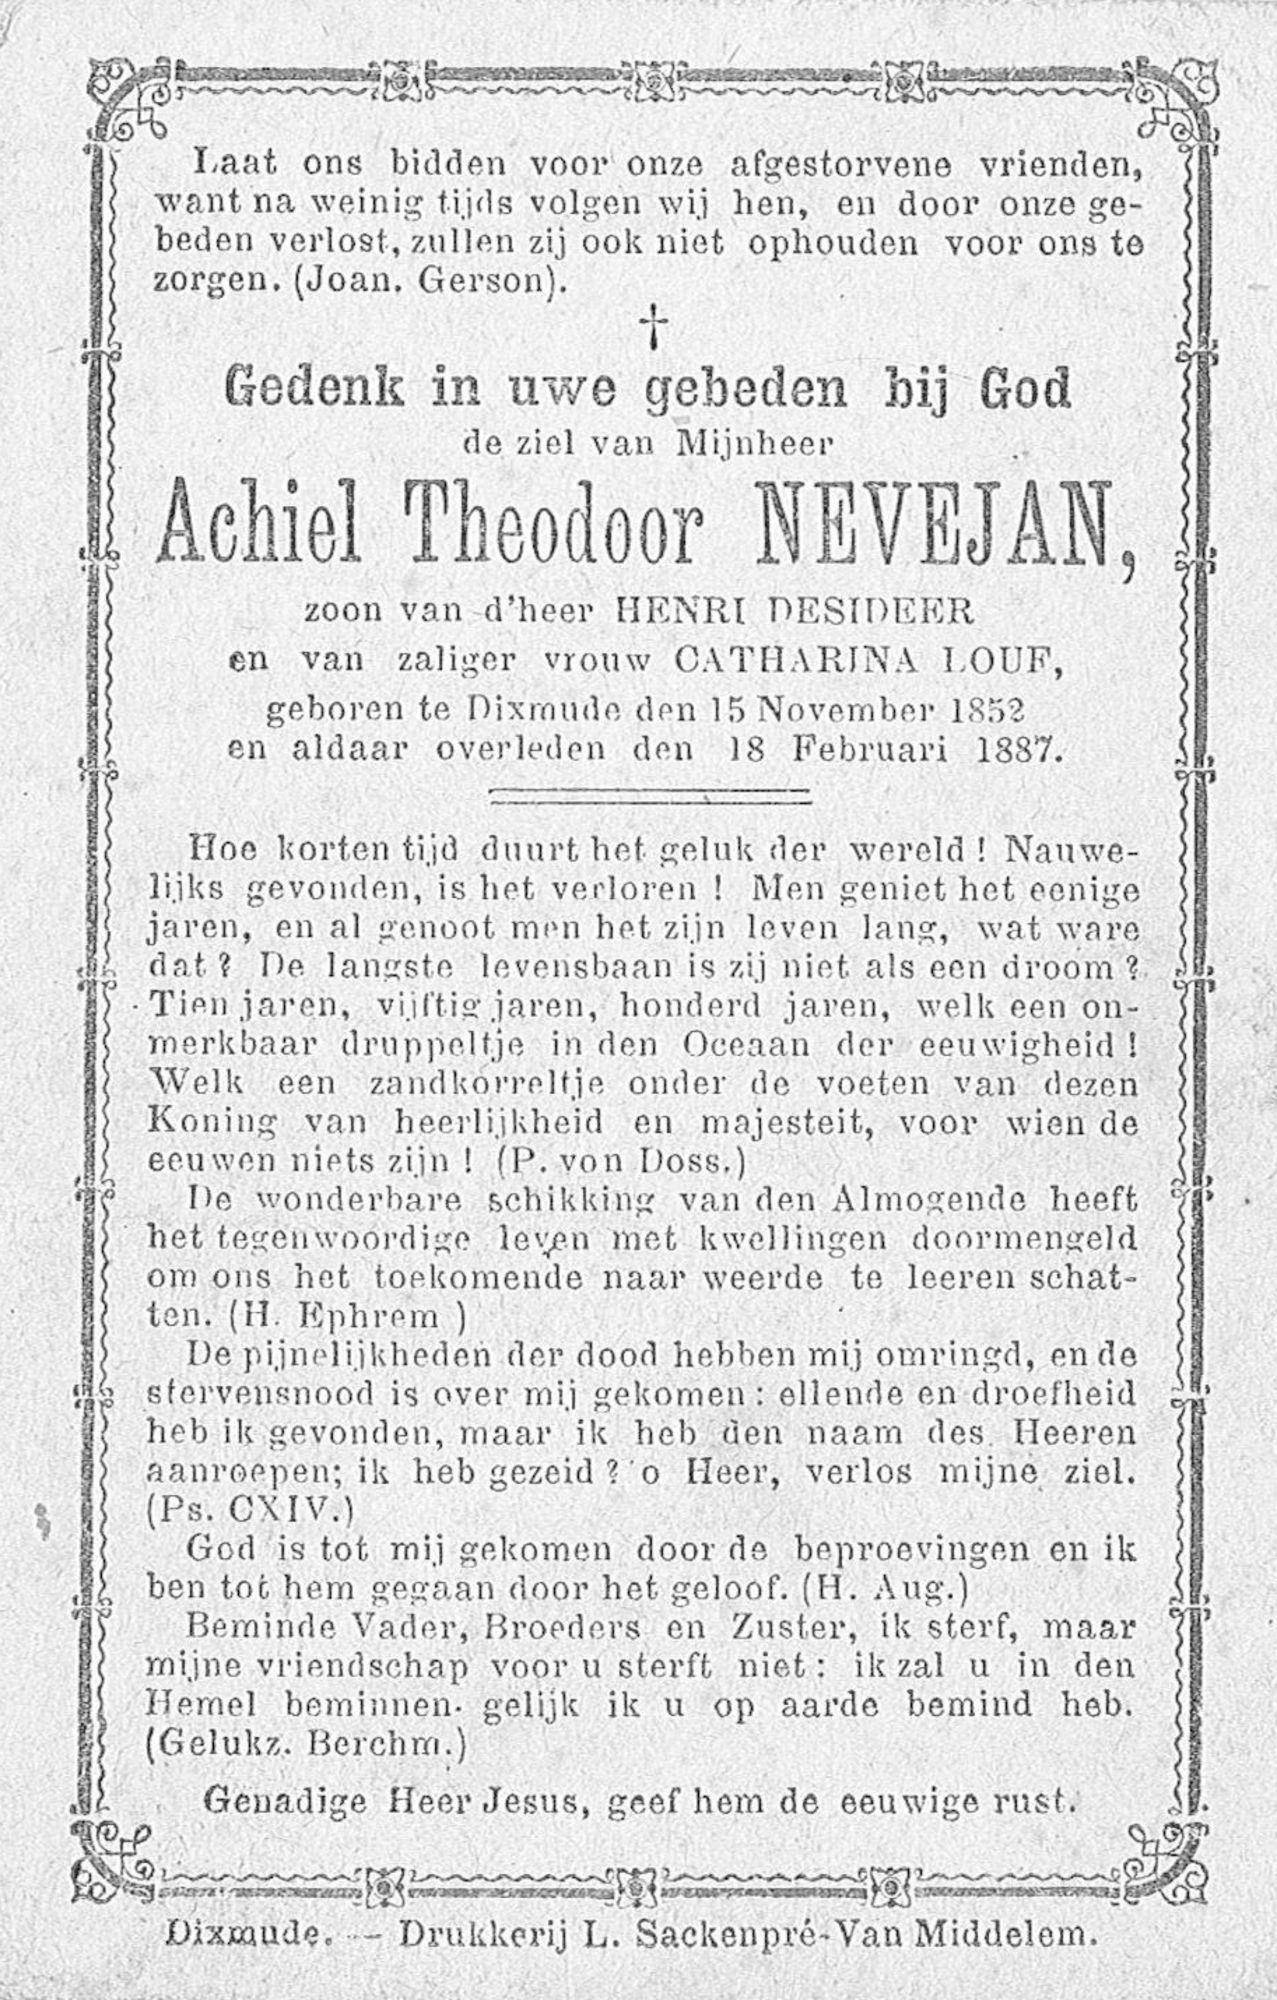 Achiel  Theodoor Nevejan